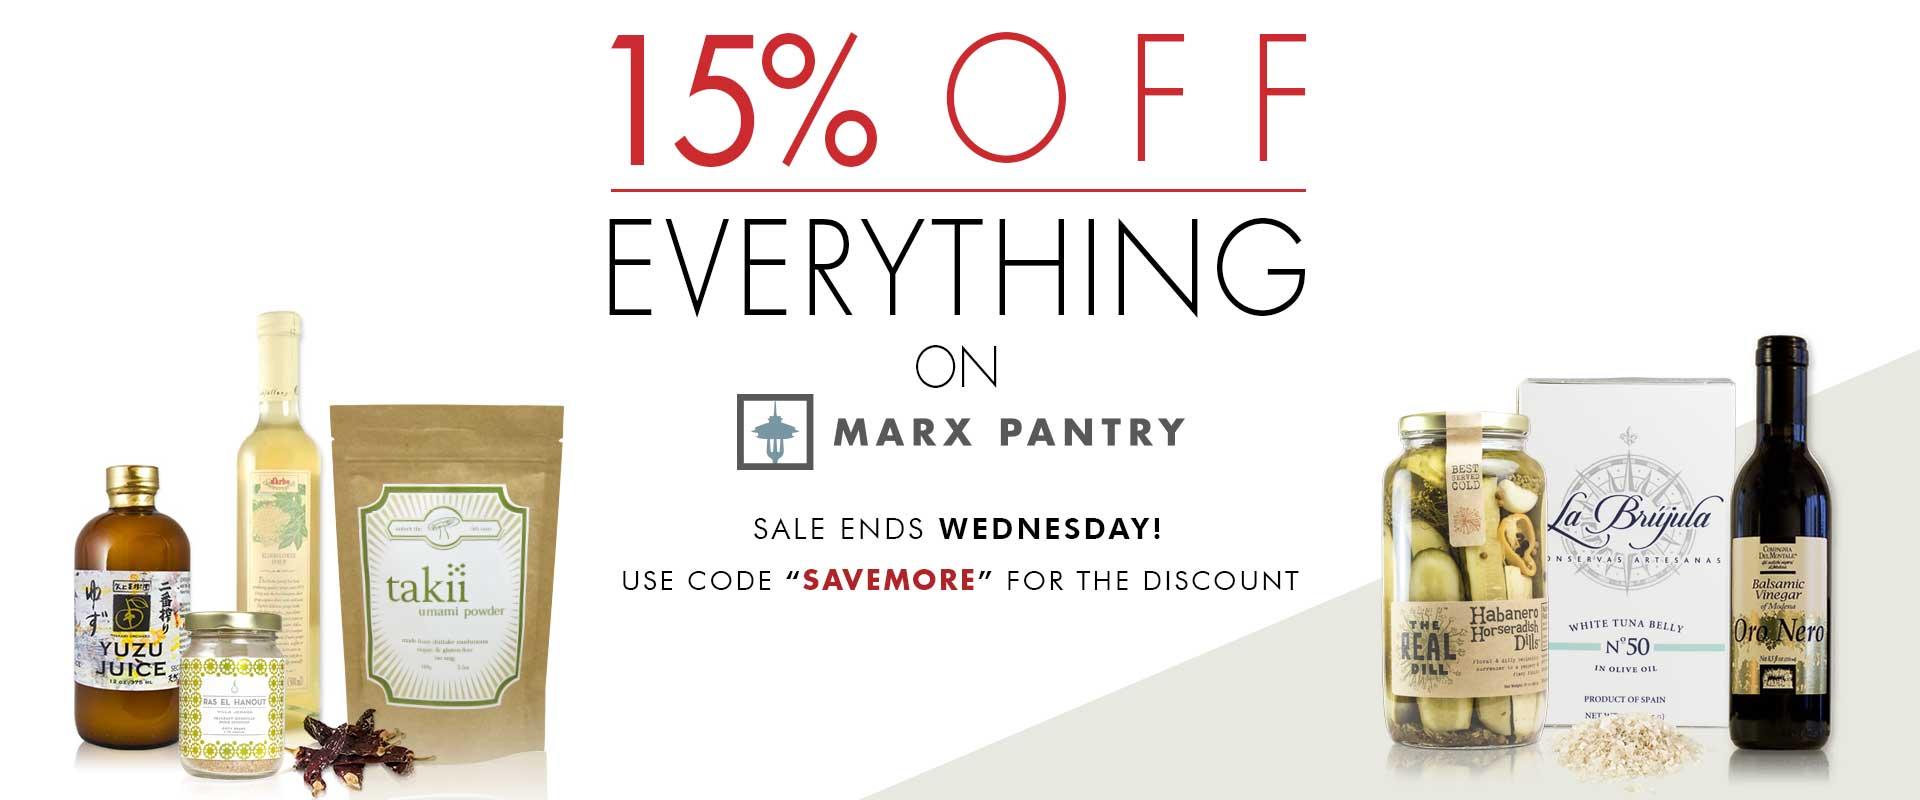 MarxPantry Sale